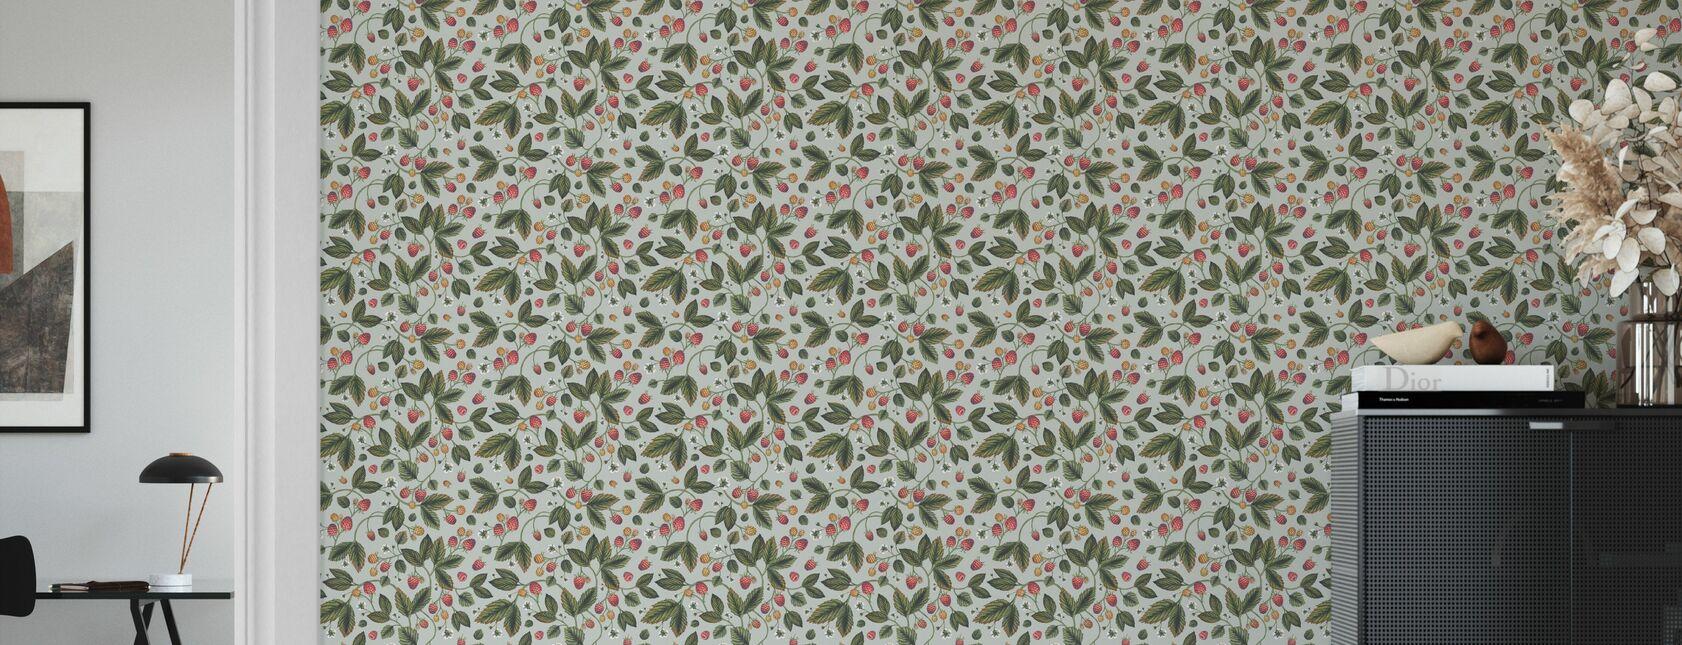 The Raspberry Garden Hell - Tapete - Wohnzimmer